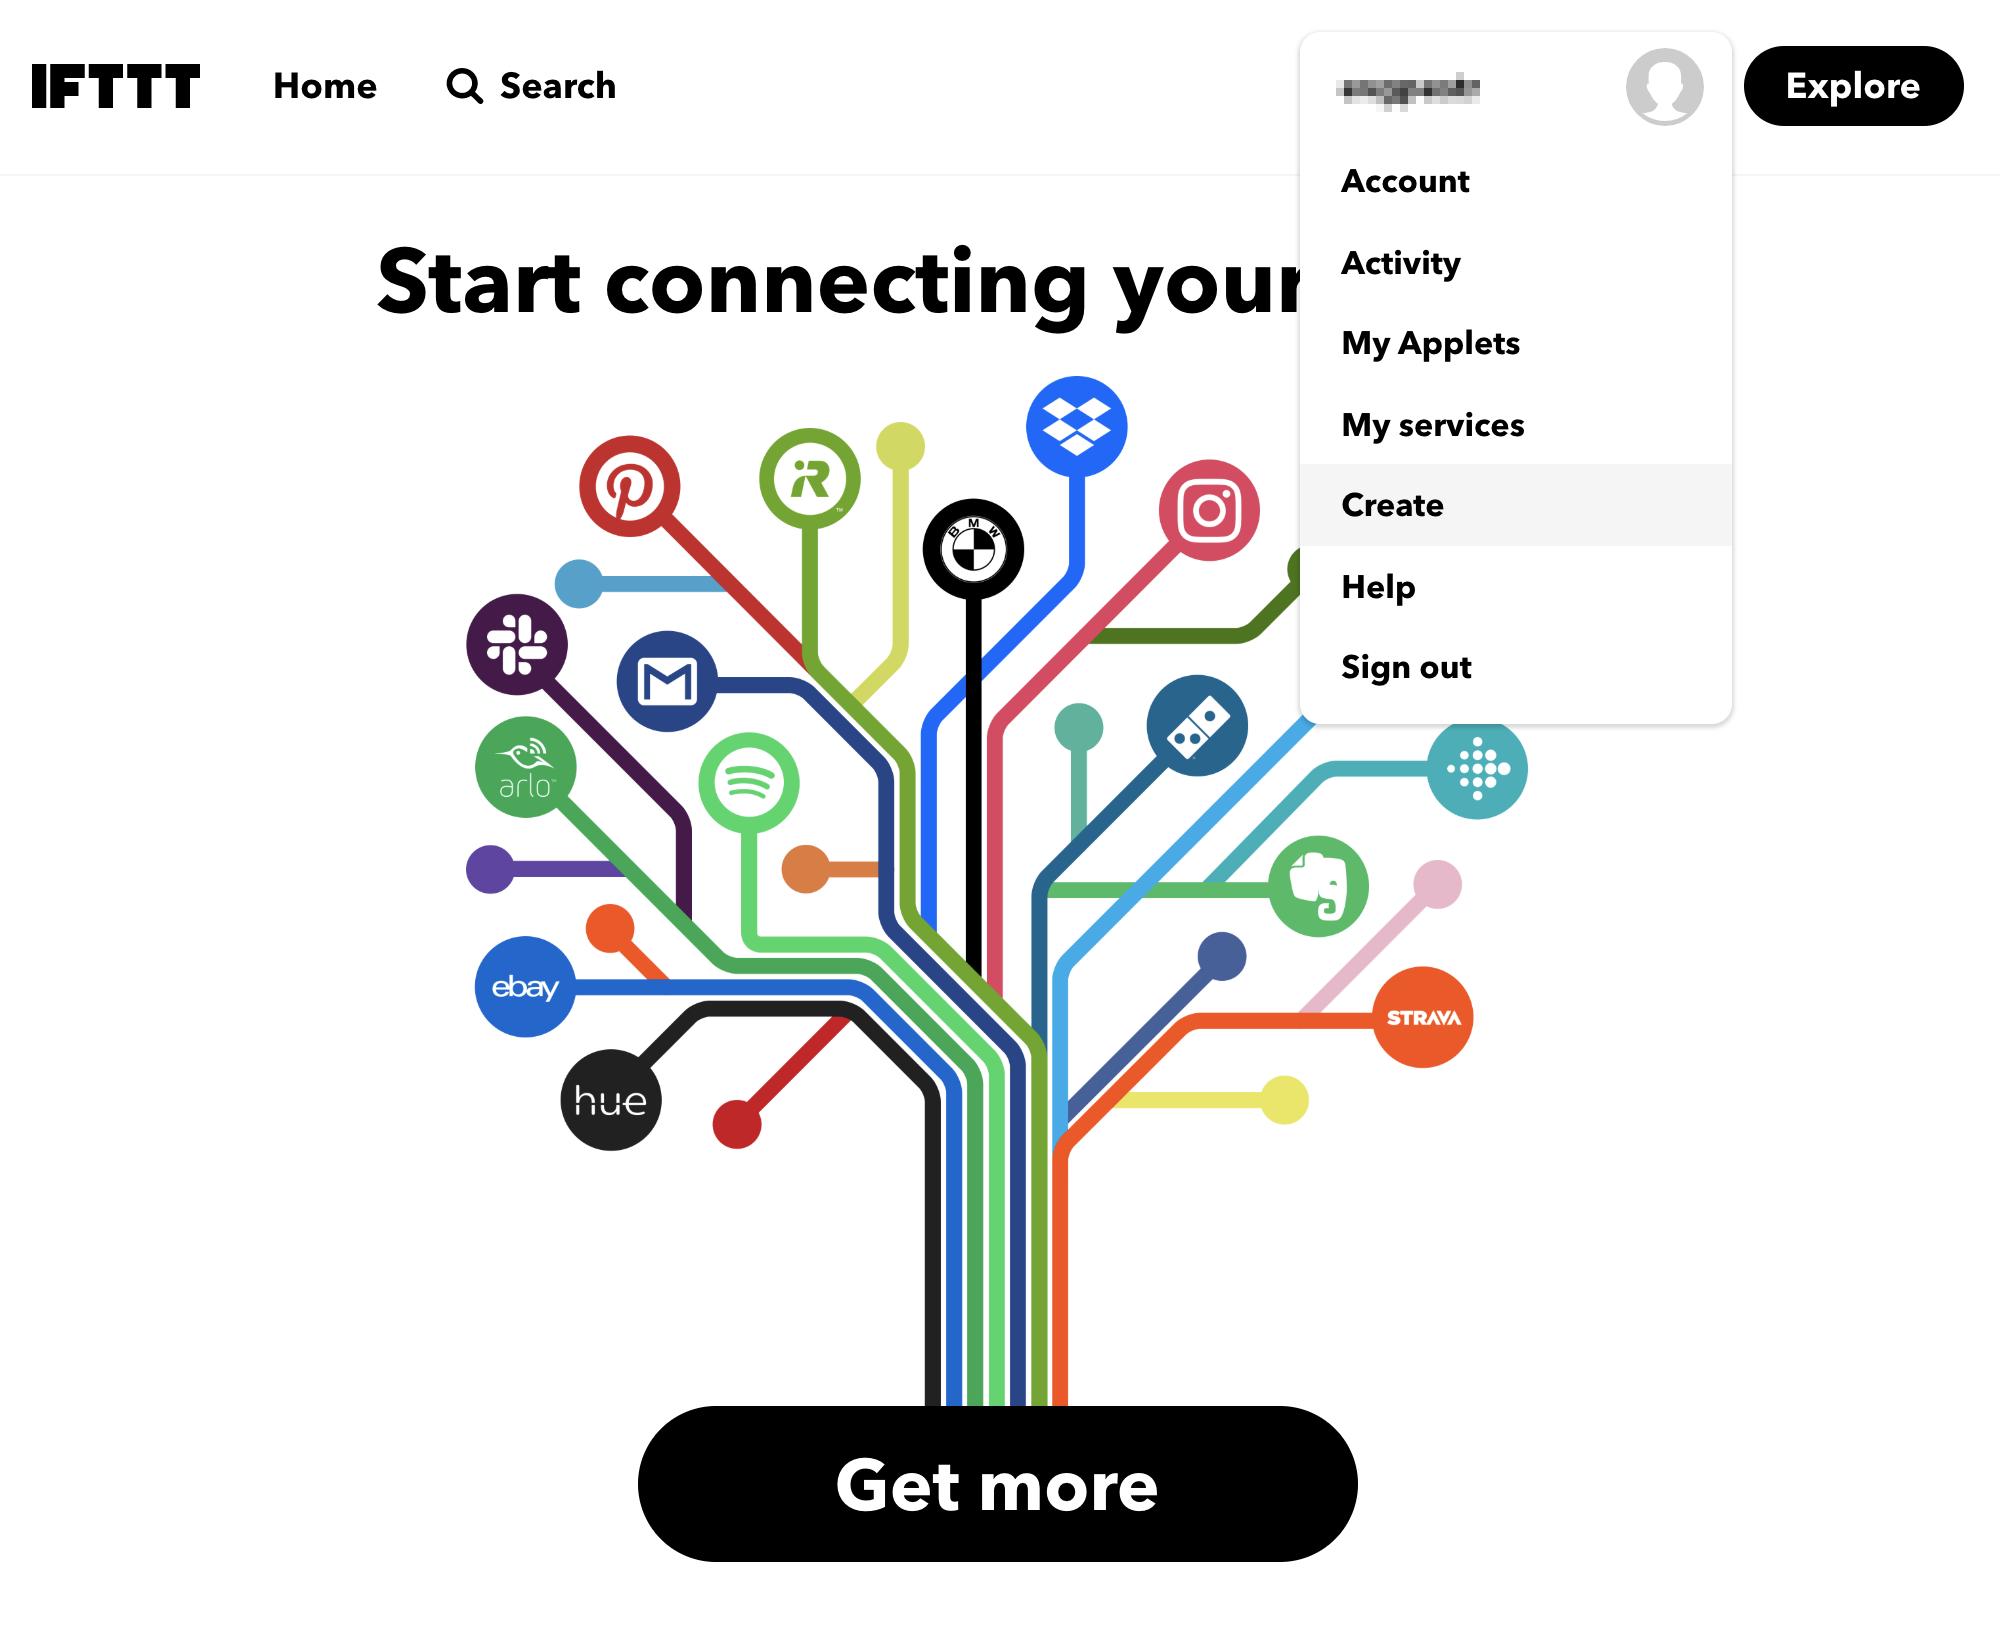 Заходим на ifttt.com и регистрируемся, затем жмем на иконку профиля в правом верхнем углу и выбираем Create